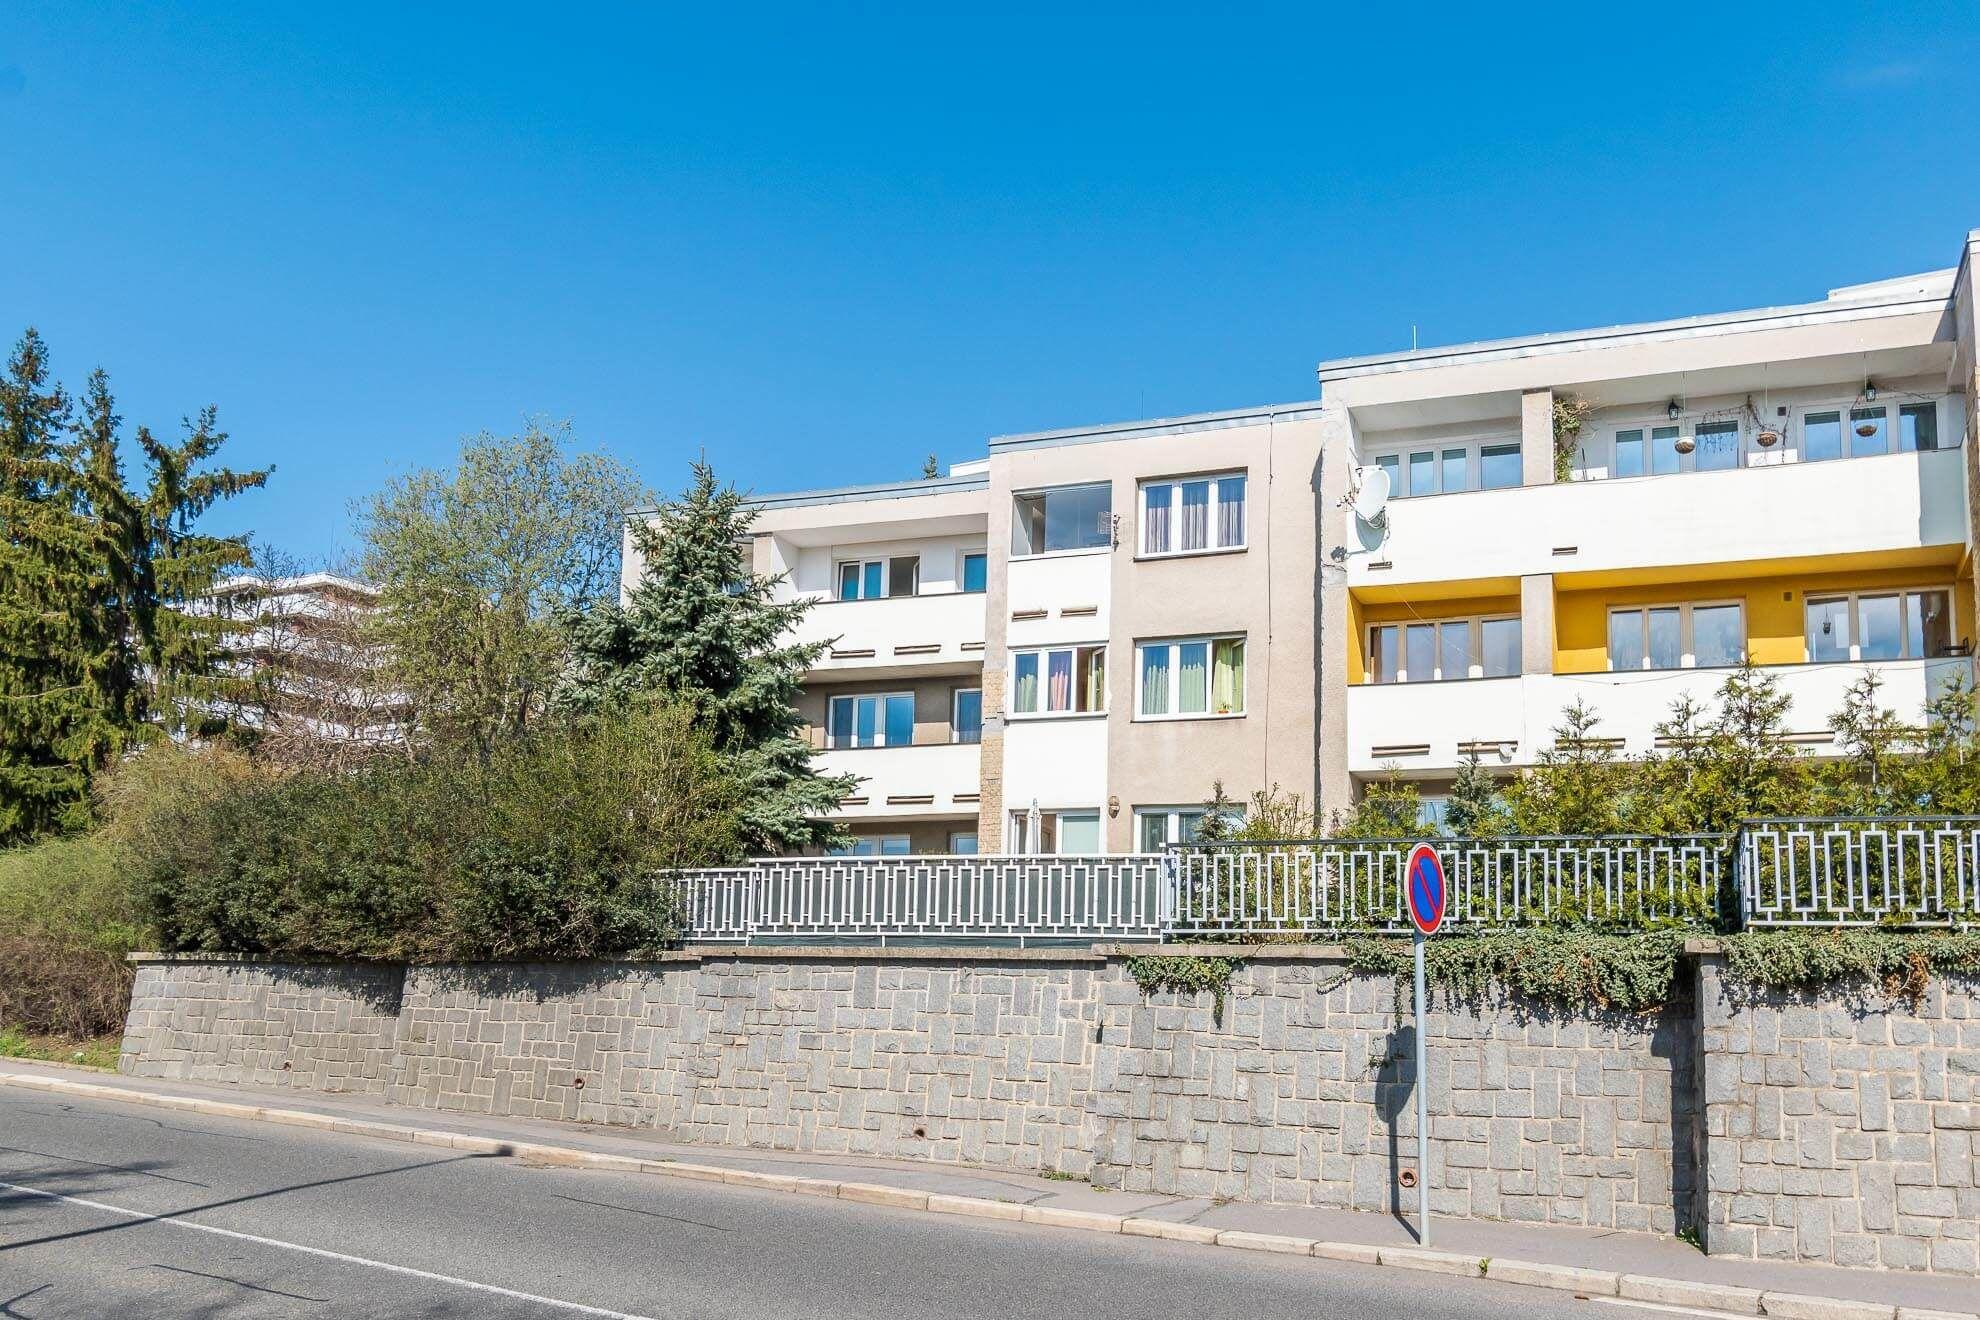 Prodej bytu 2+1 vosobním vlastnictví 59 m², Praha 6 - Břevnov